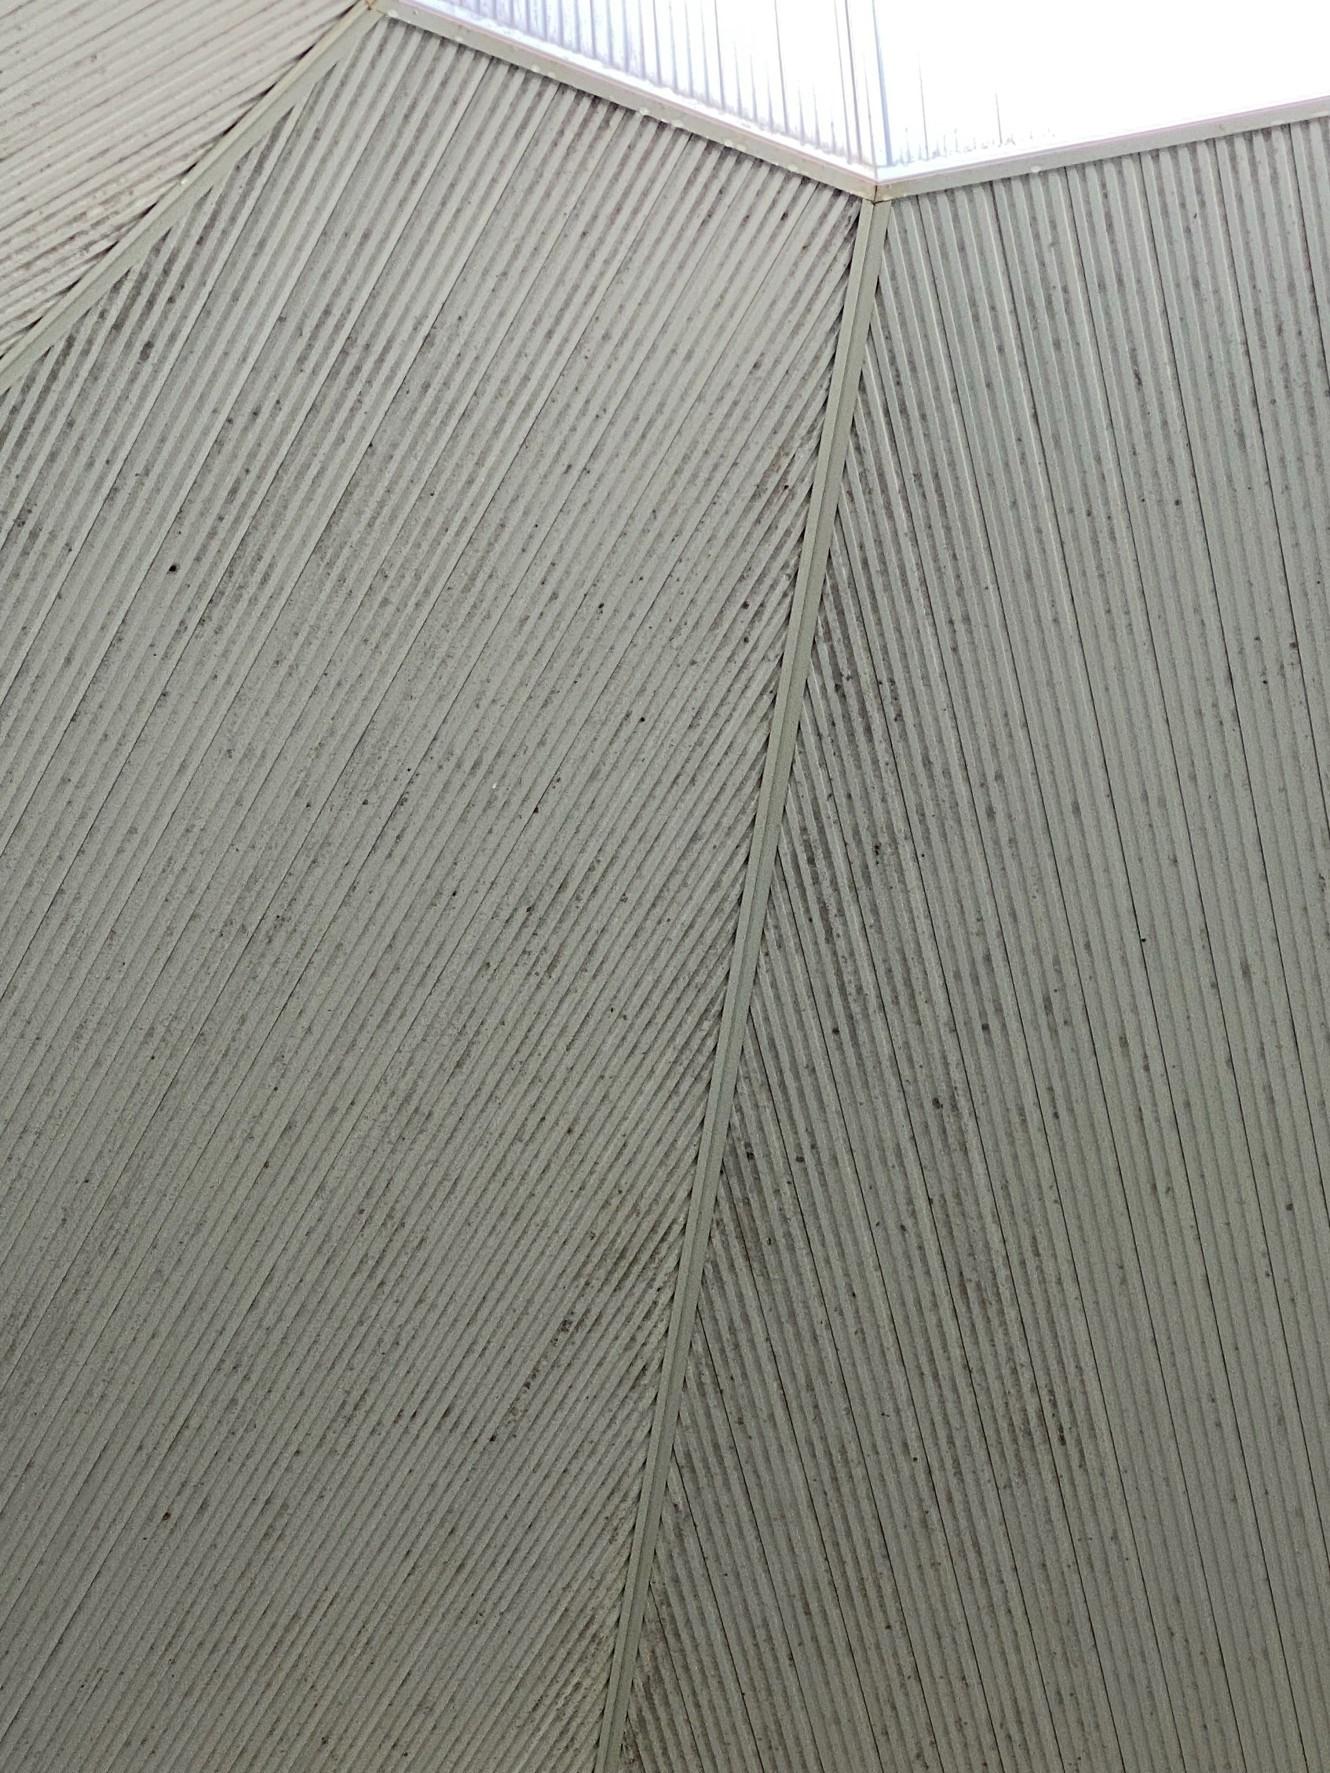 大浴場天井クリーニング